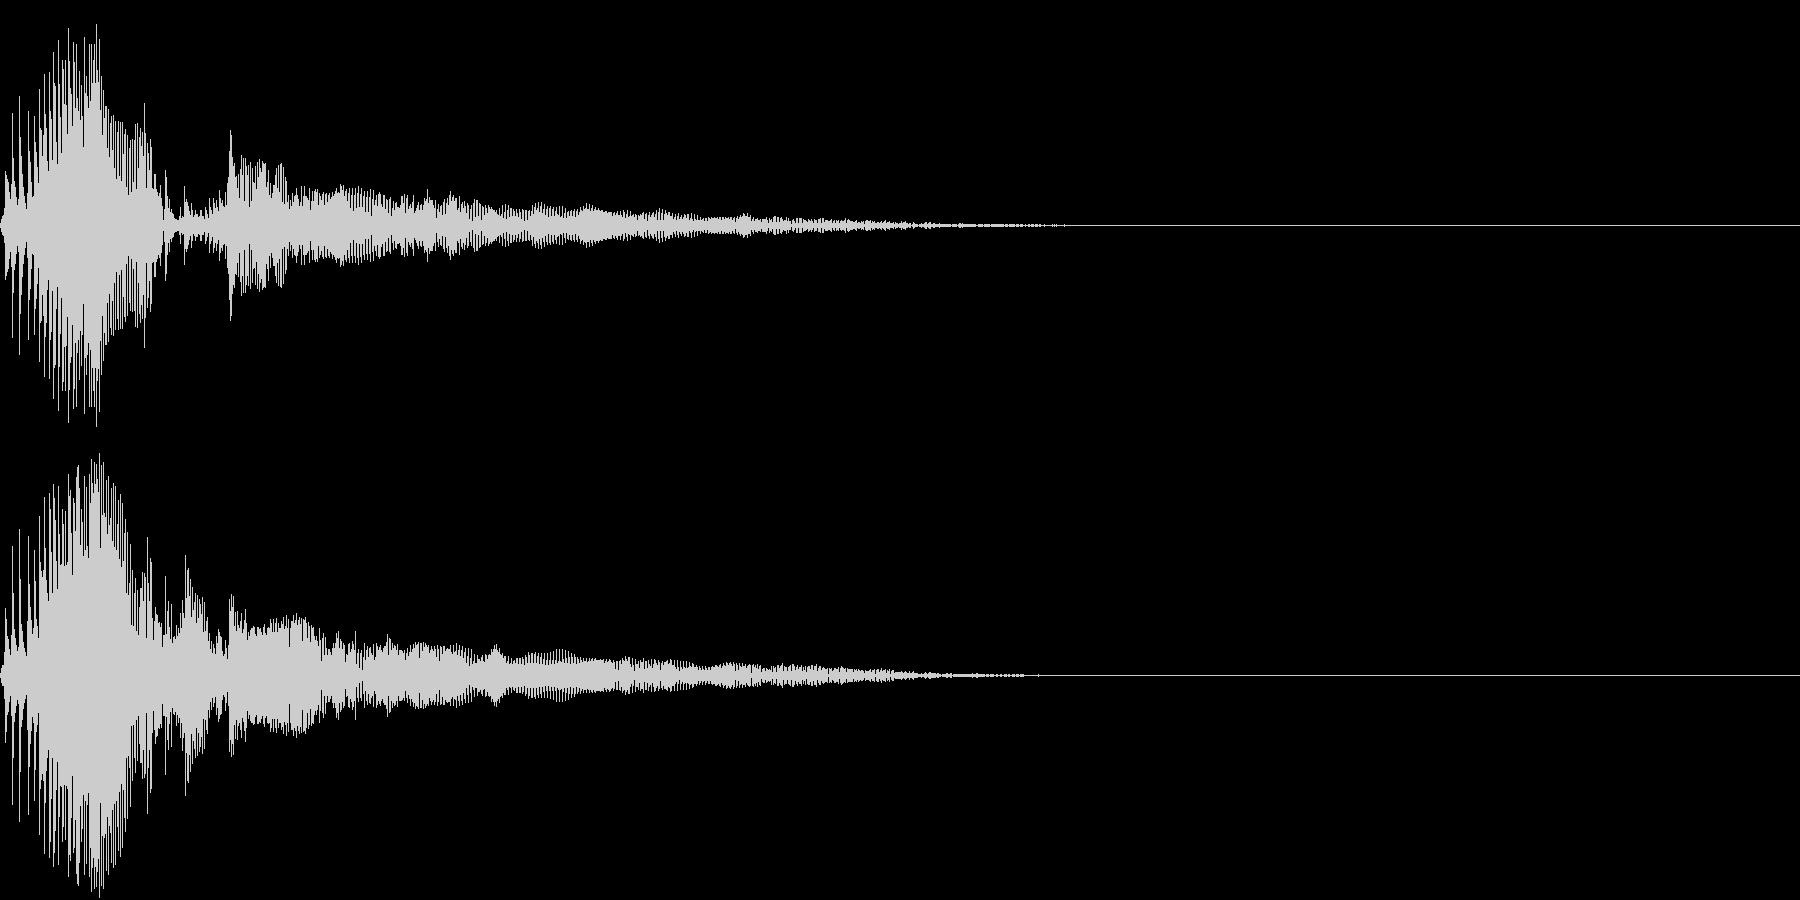 Zako ゲームのザコキャラの鳴き声 2の未再生の波形